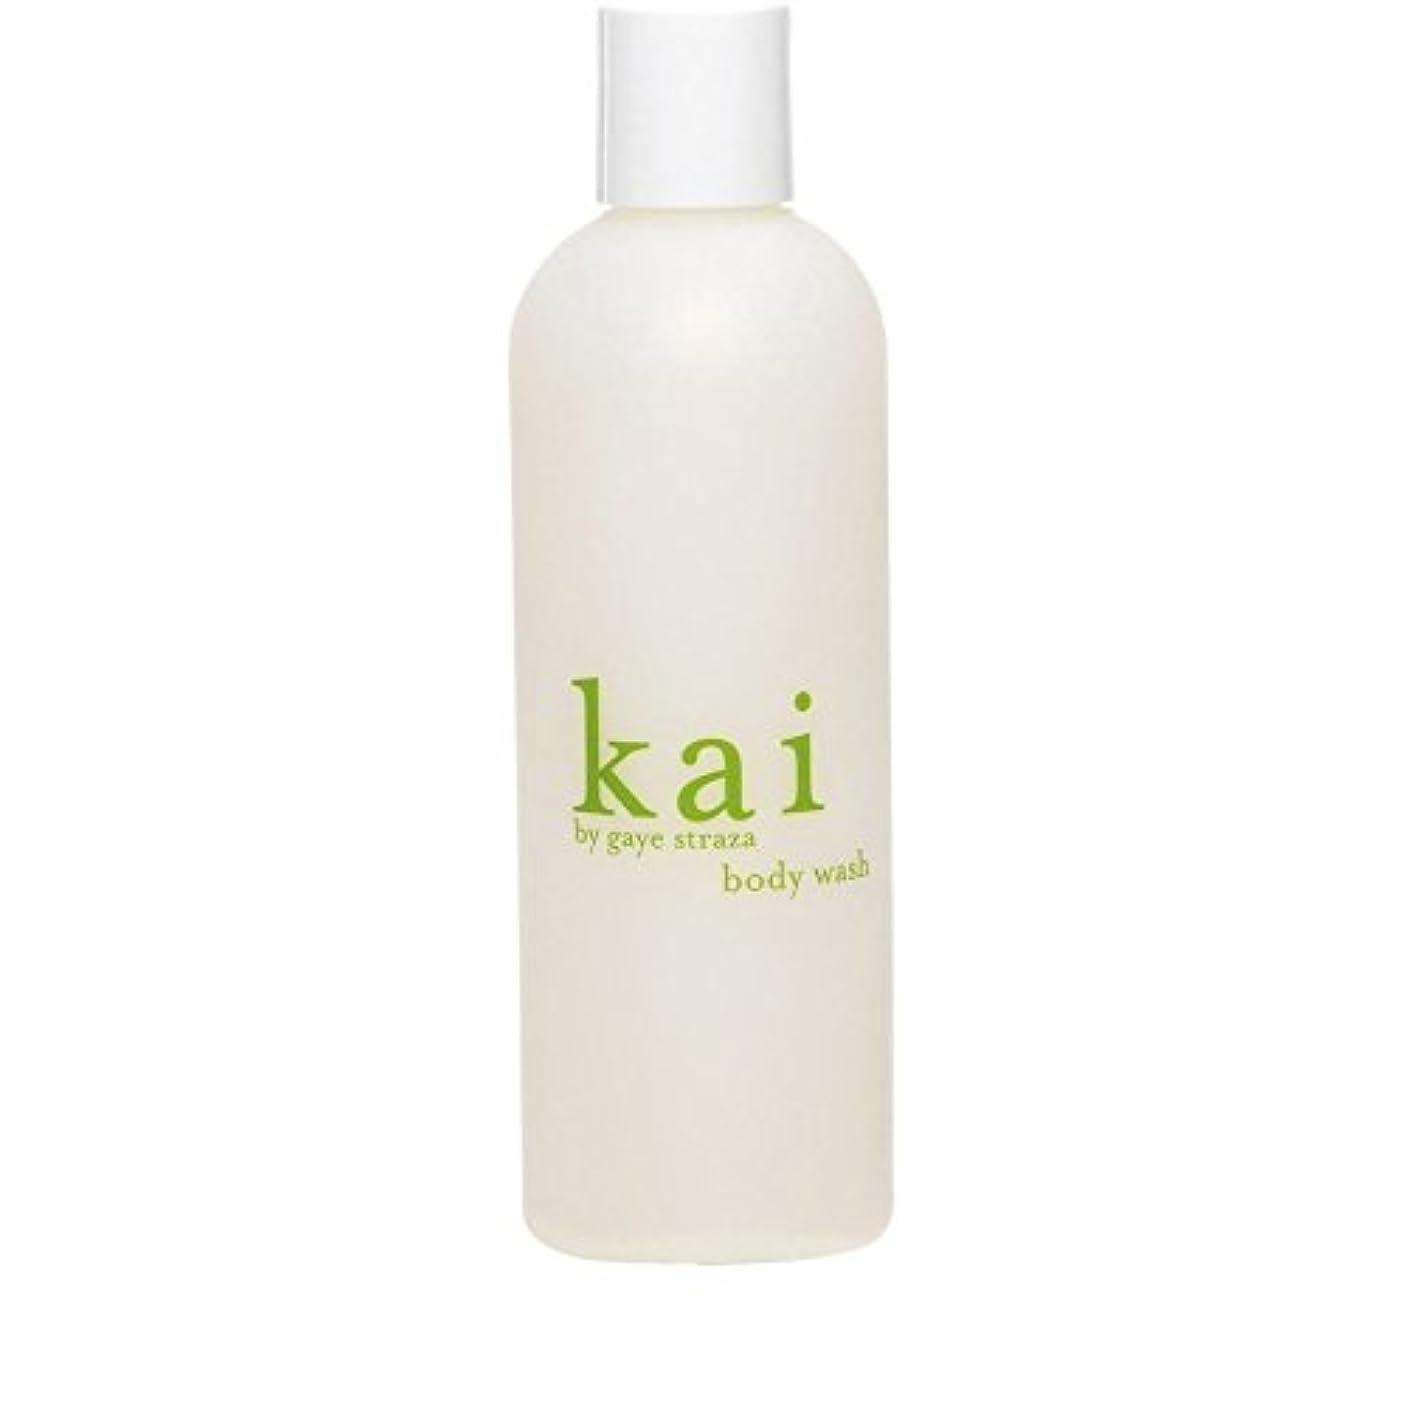 不当旅行者ビンゲイ?ストラザ会ボディウォッシュ235ミリリットルによって会 x2 - Kai by Gaye Straza Kai Body Wash 235ml (Pack of 2) [並行輸入品]